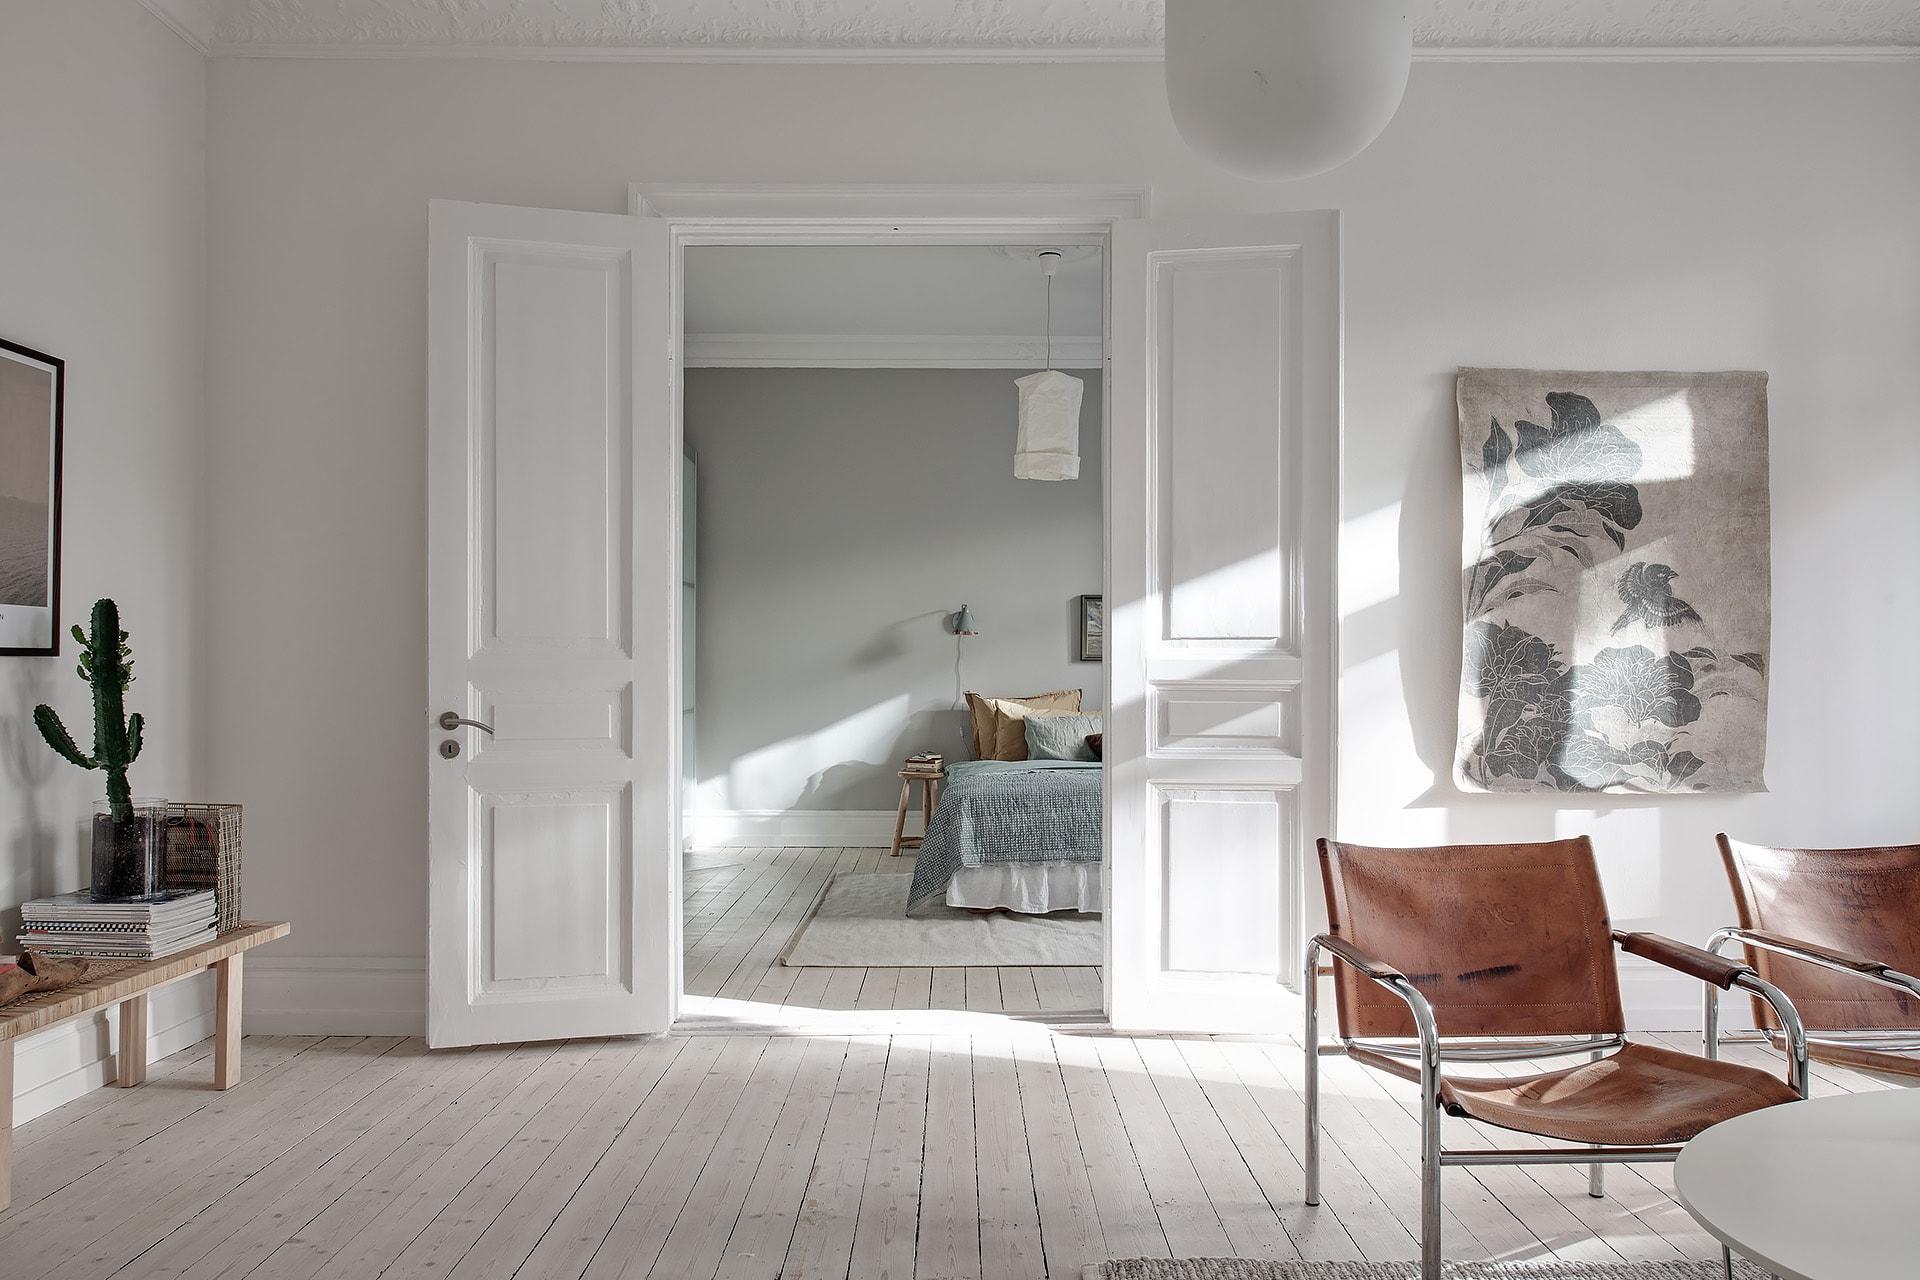 Coco lapine design coco lapine design - Salon parquet gris ...